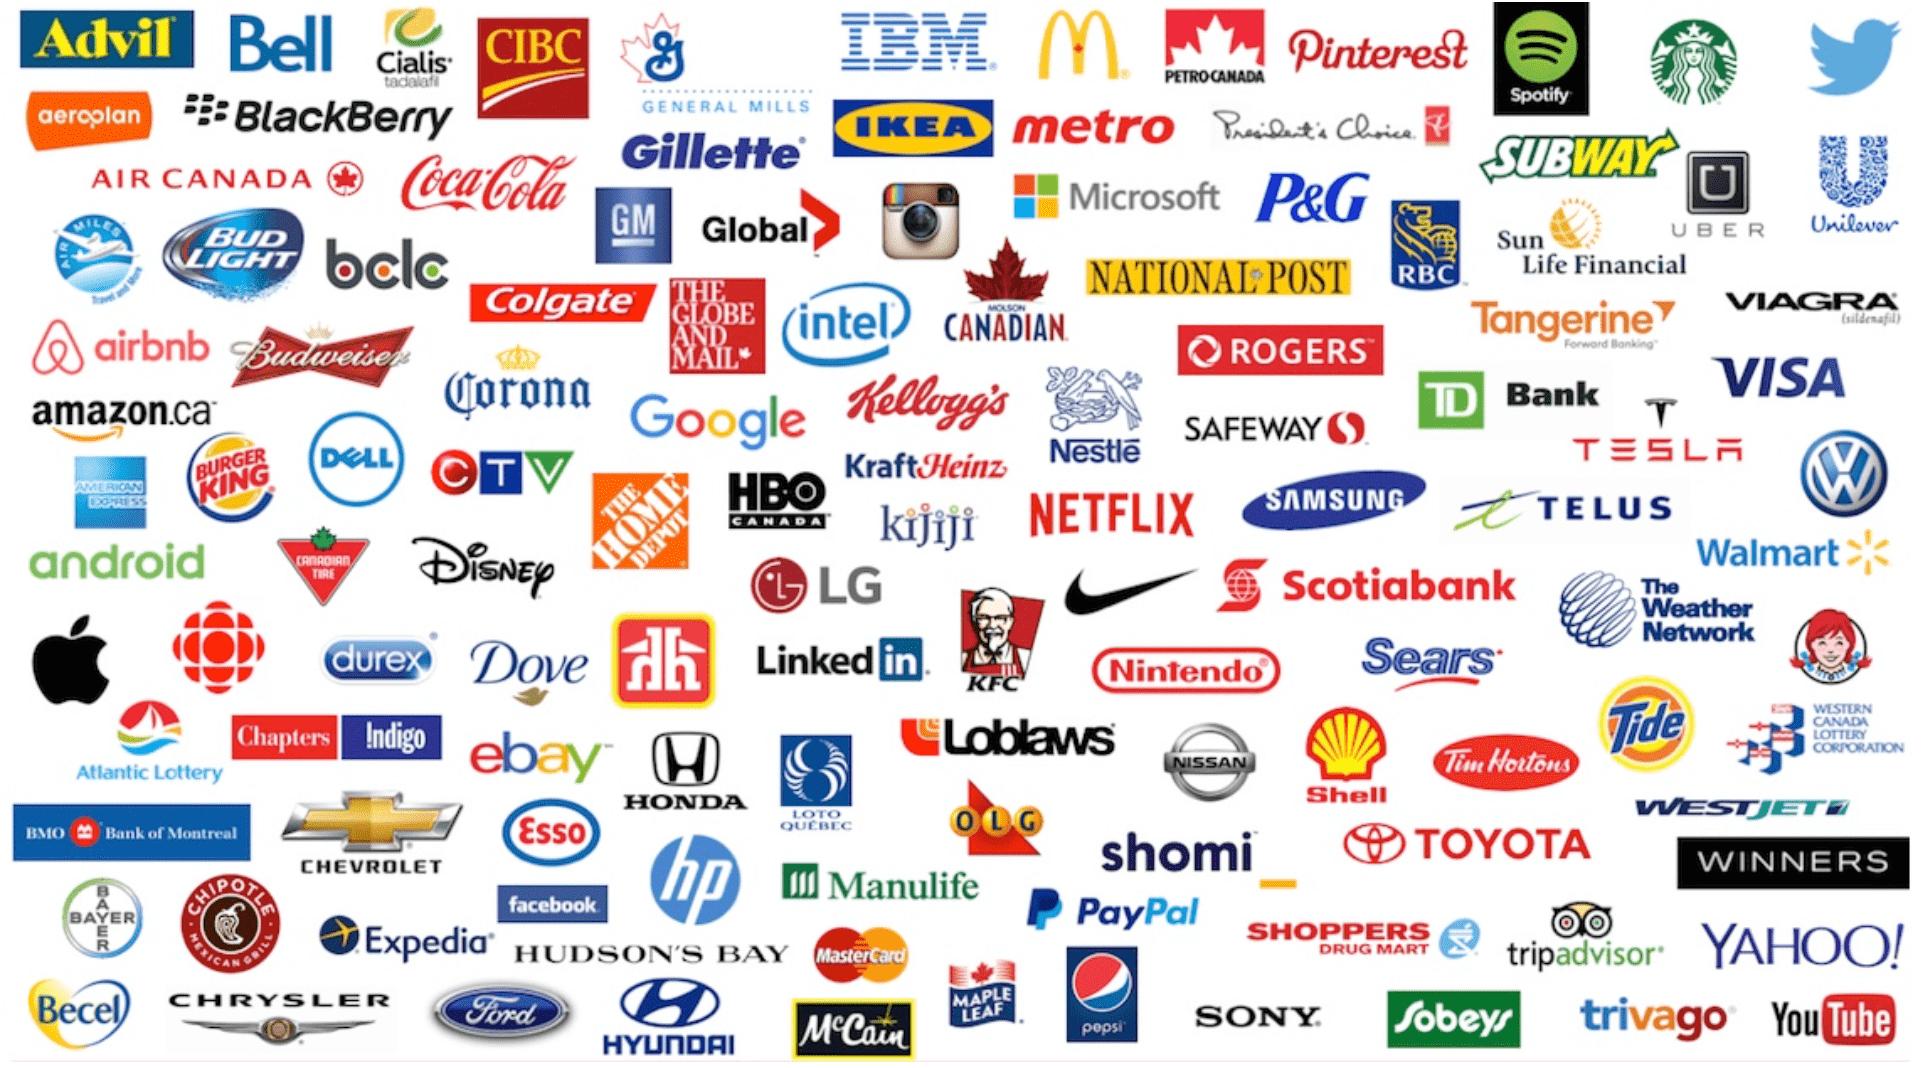 Brands spending money Example 1